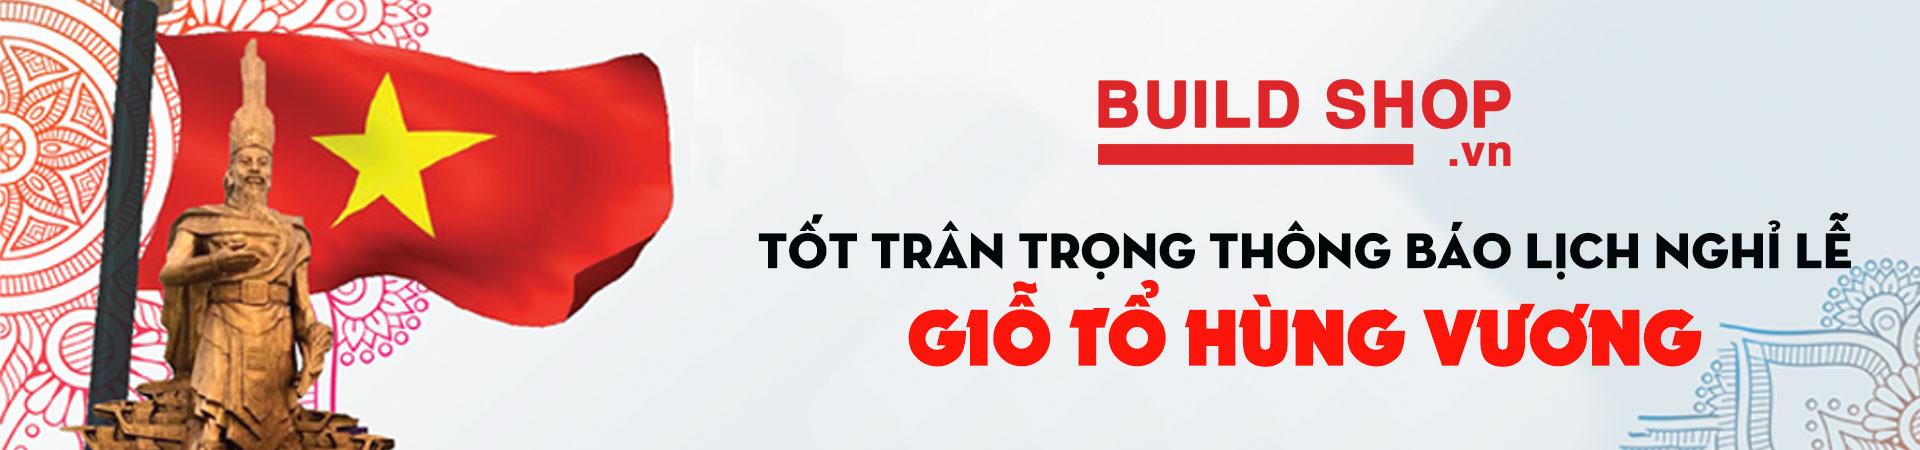 build-shop-nghi-le-gio-to-hung-vuong-21042021-2